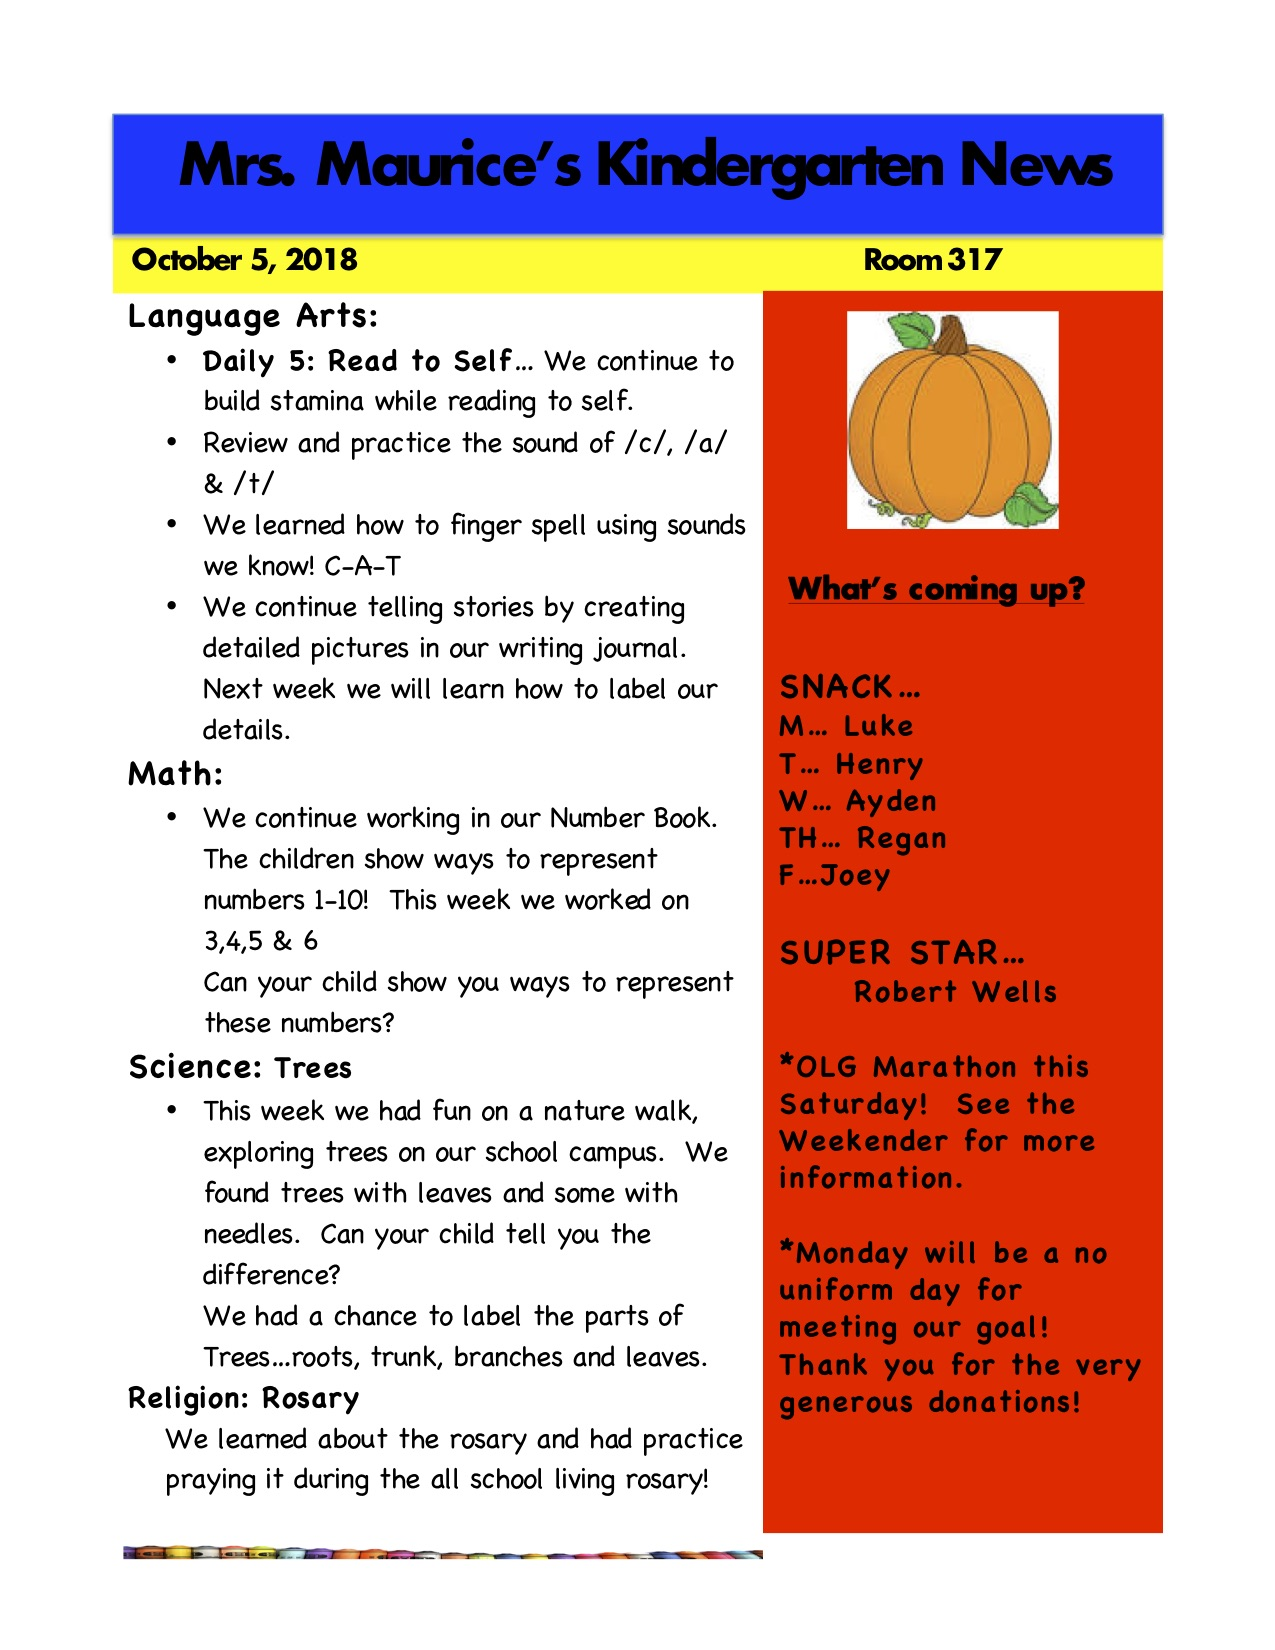 Kindergarten News Oct. 5.jpg